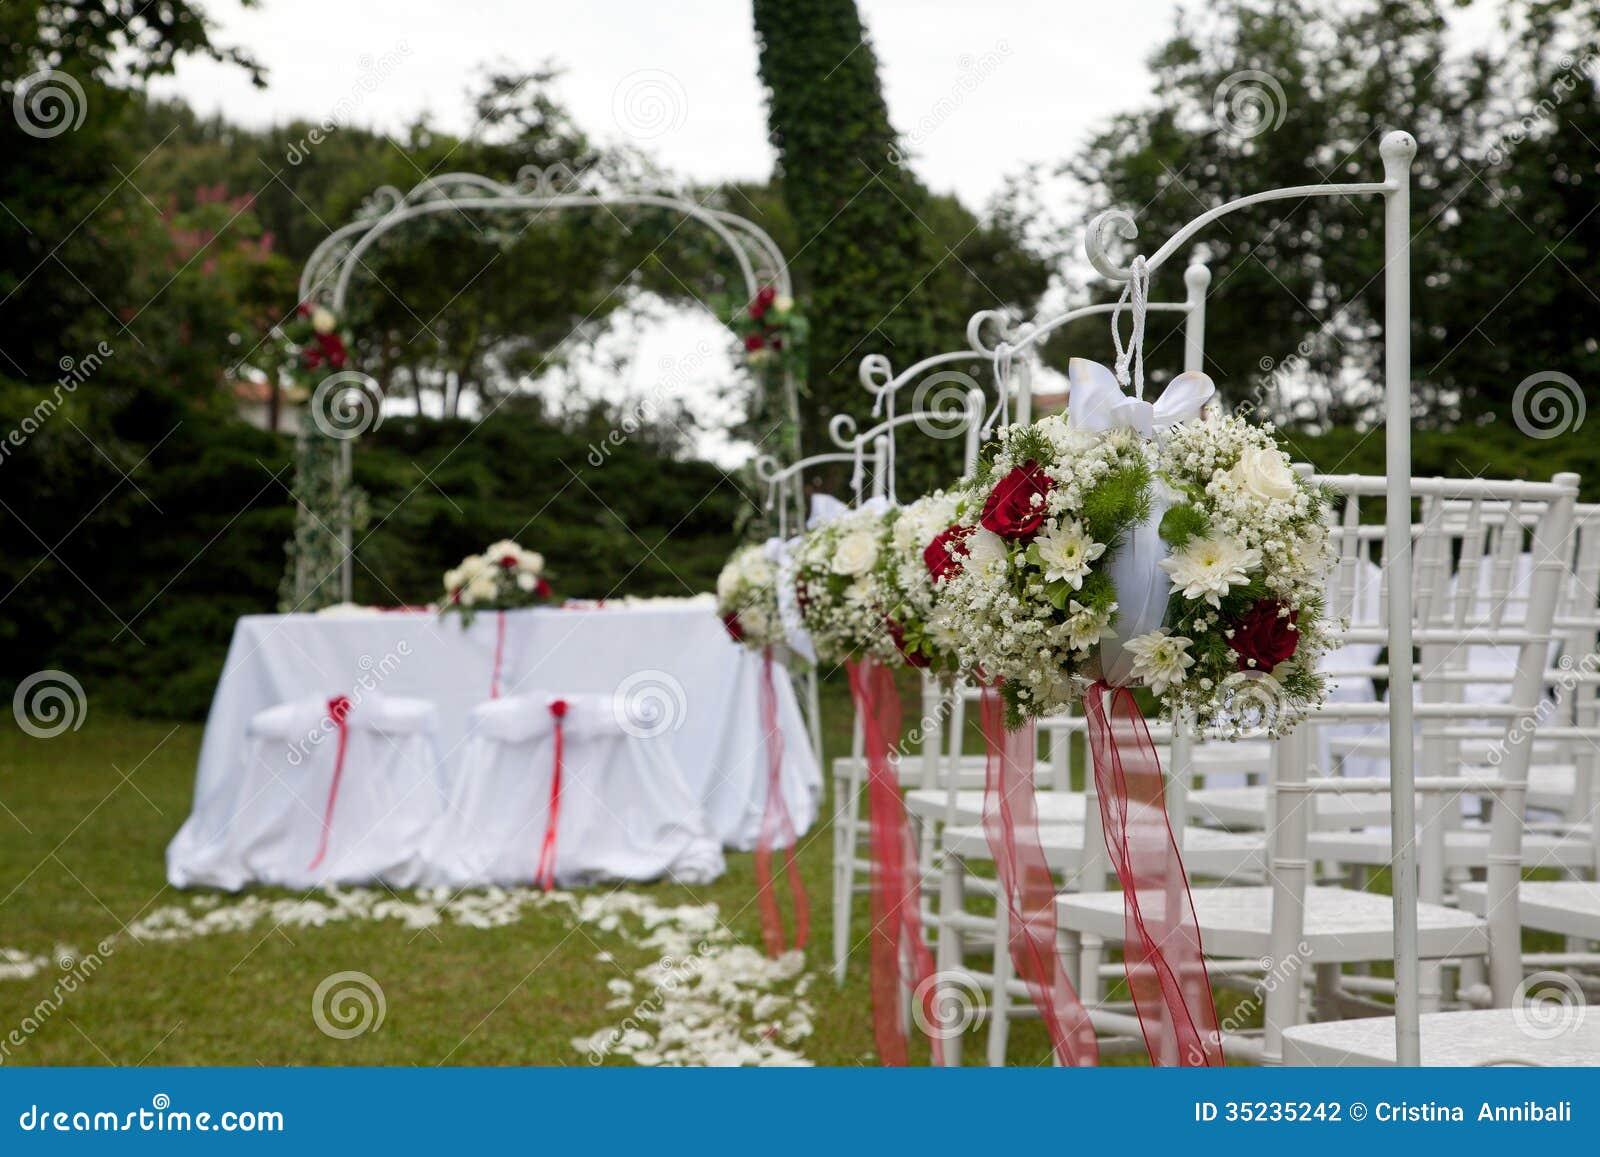 Arreglos Florales Para Casarse Foto De Archivo Imagen De